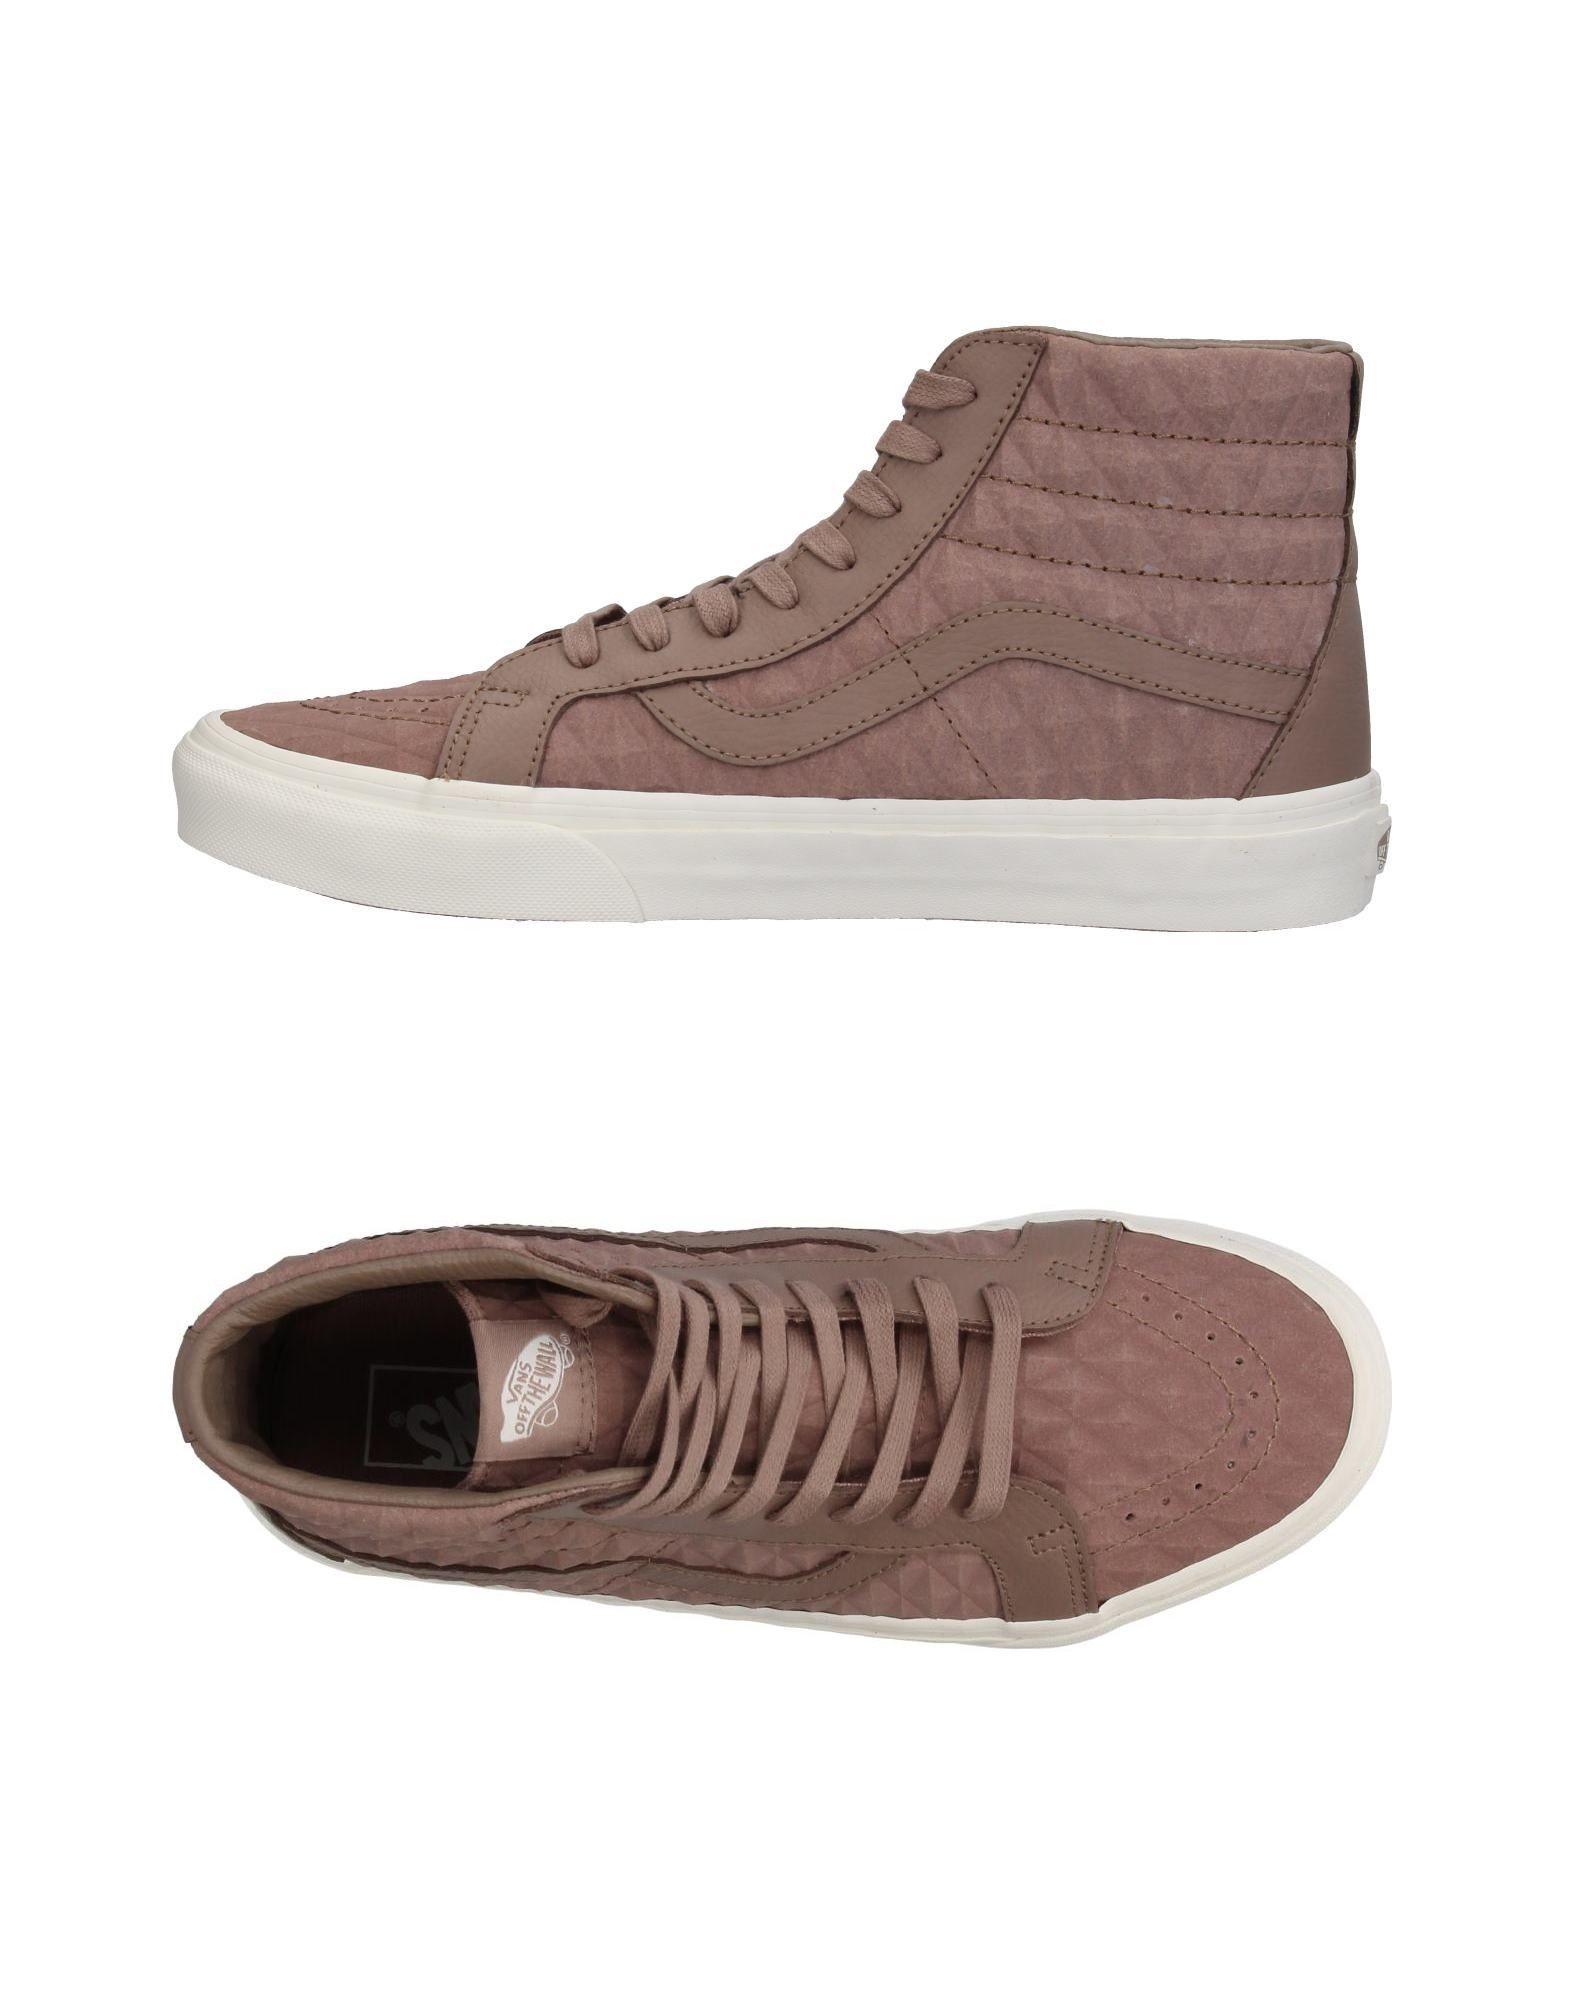 Vans Sneakers Herren  11384168UL Heiße Schuhe